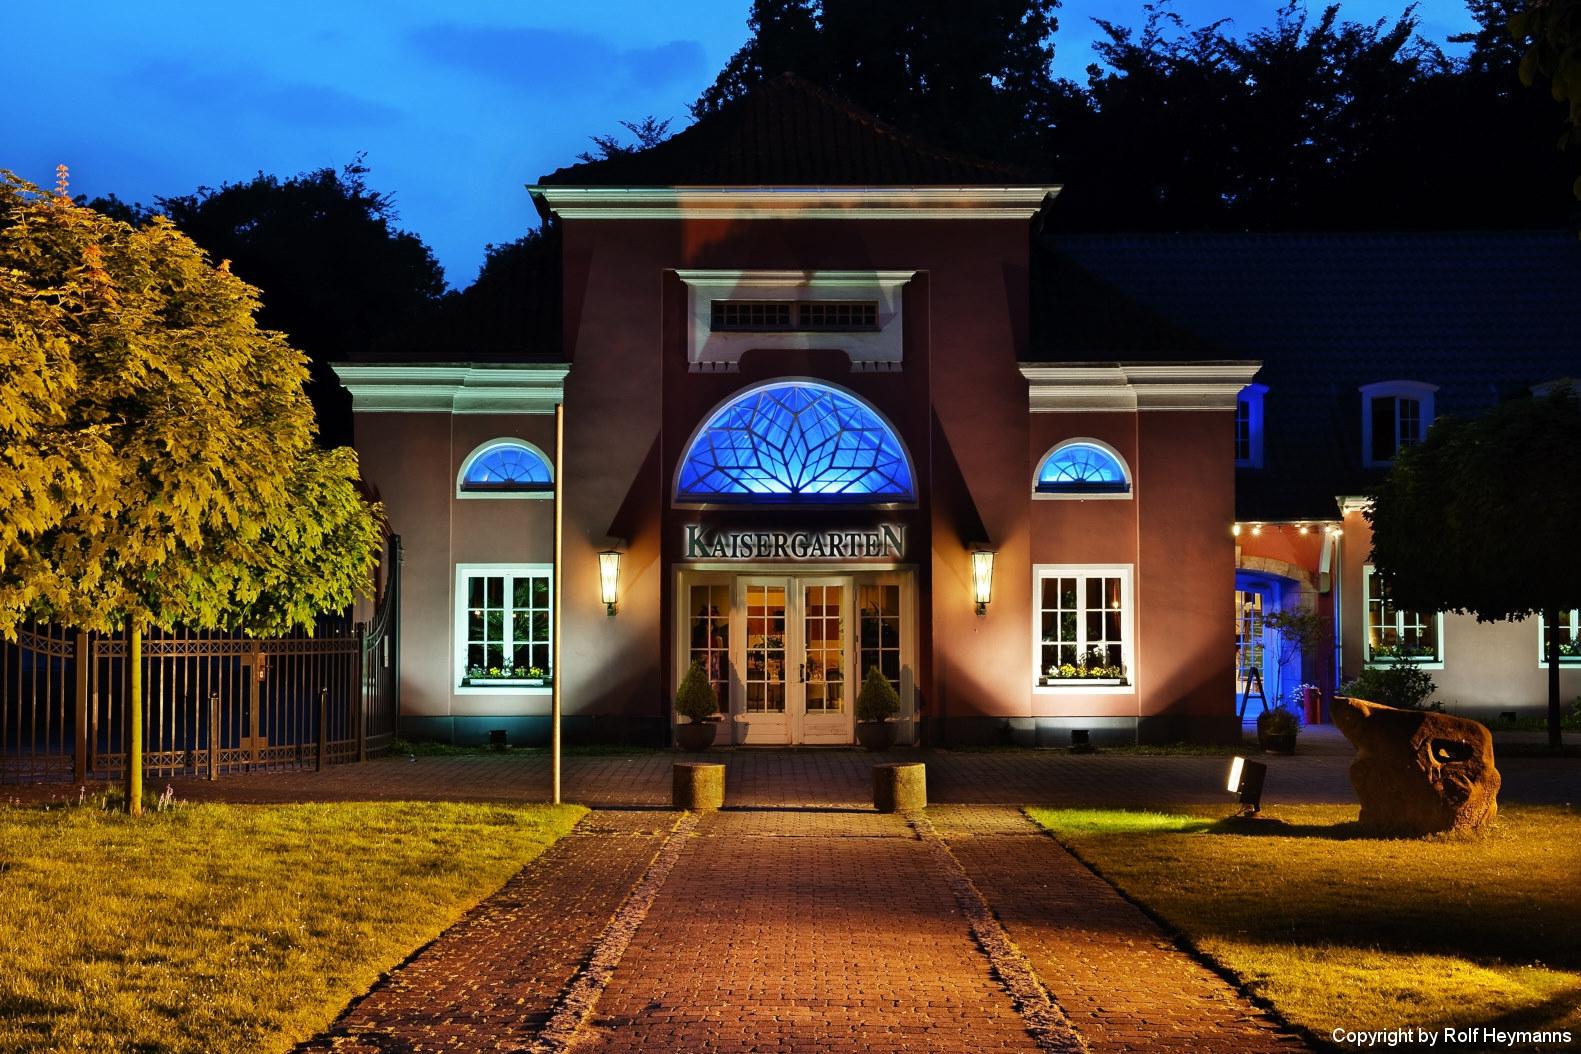 Oberhausen, Kaisergarten